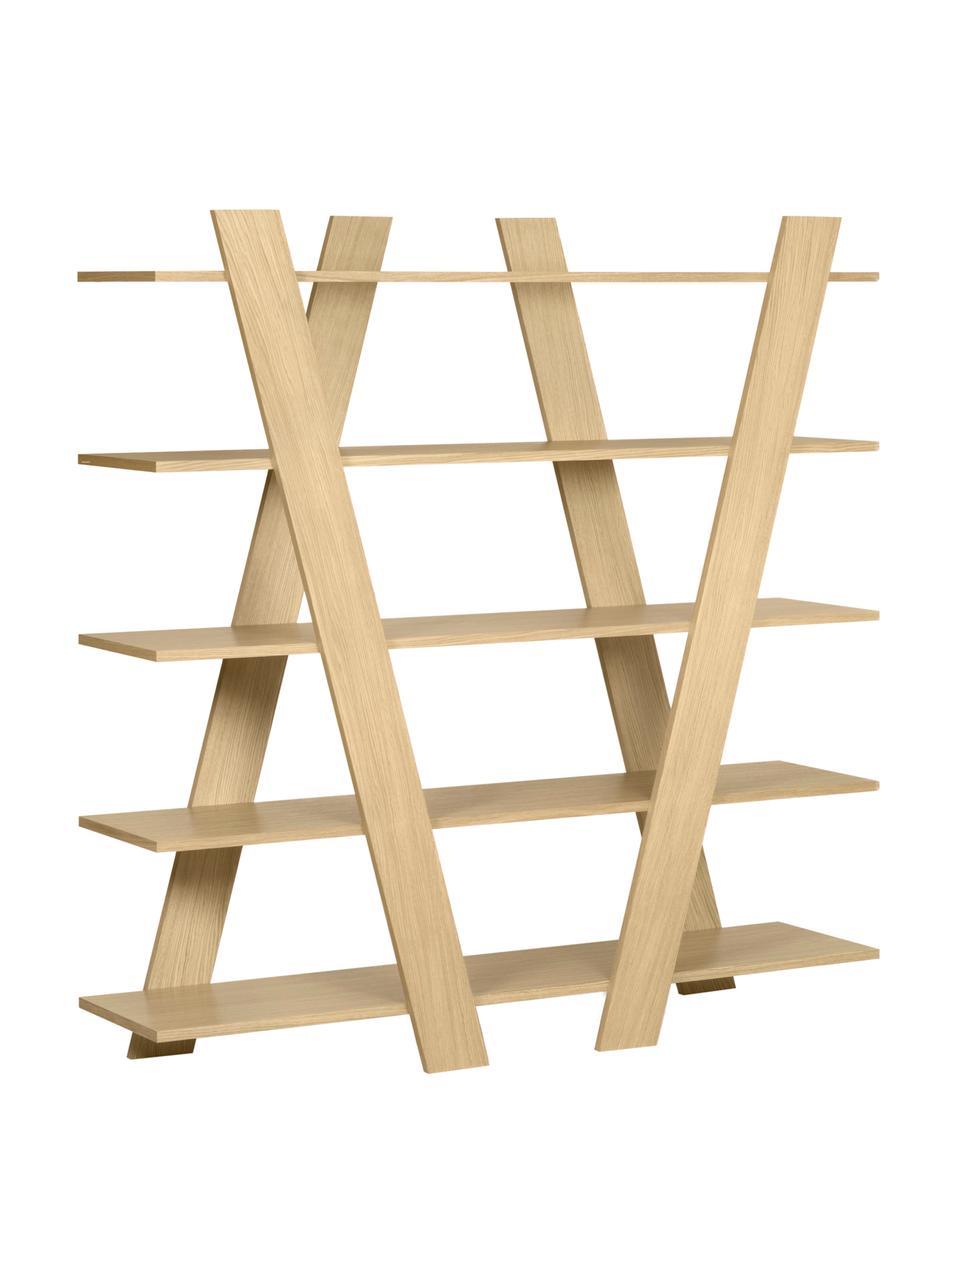 Regał z drewna naturalnego Blow, Drewno dębowe, S 156 x W 160 cm